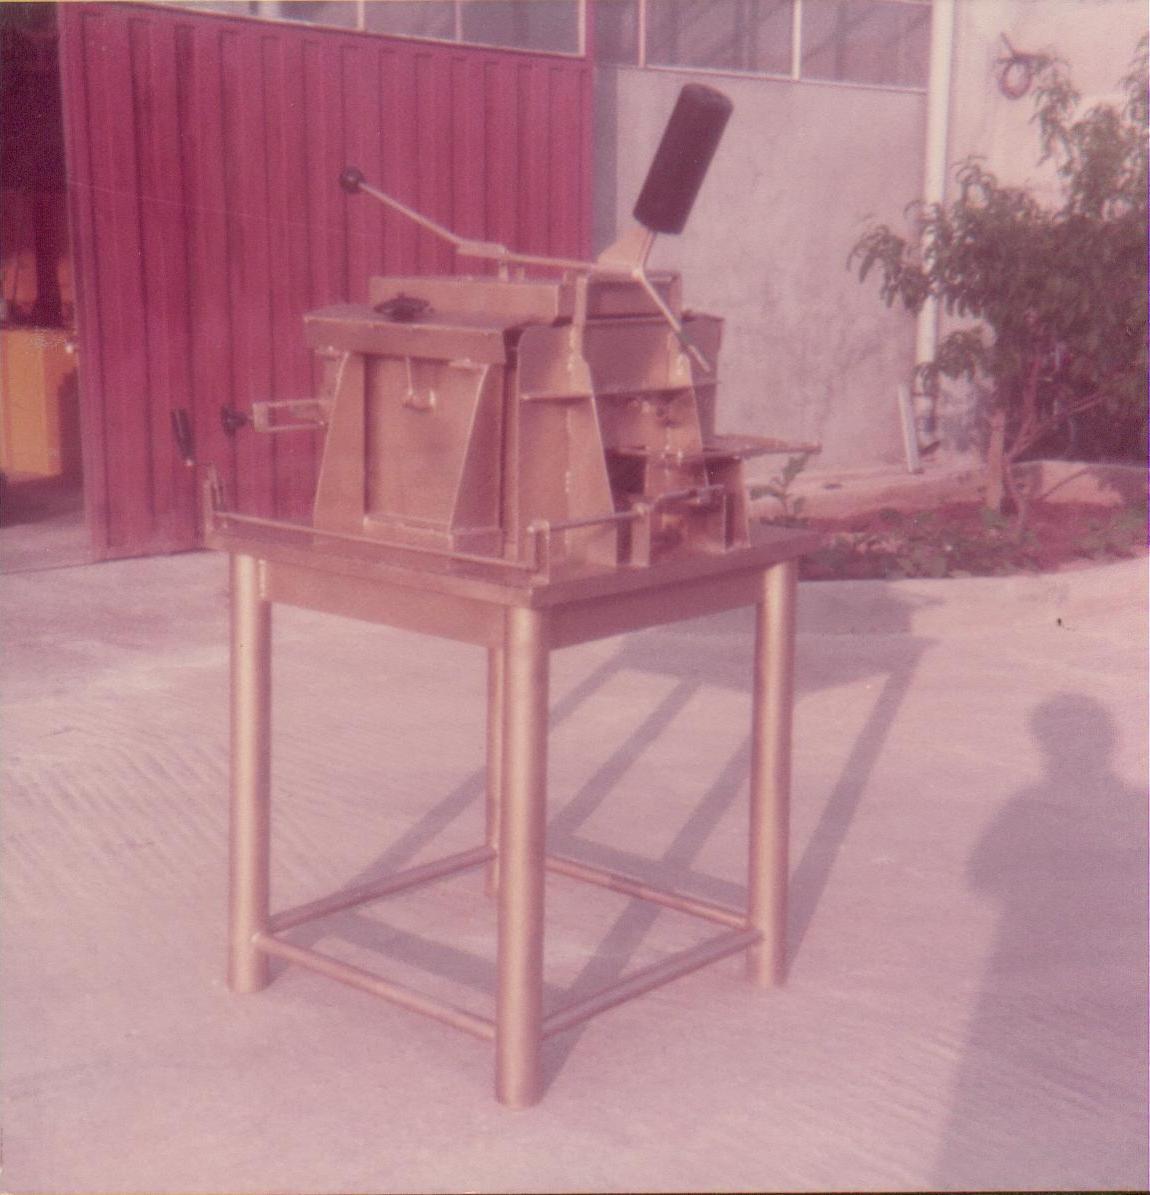 Ειδική κατασκευή για το μοντάρισμα & κόλλημα του ανοξείδωτου θαλάμου μικρών πλυντηρίων πιάτων.